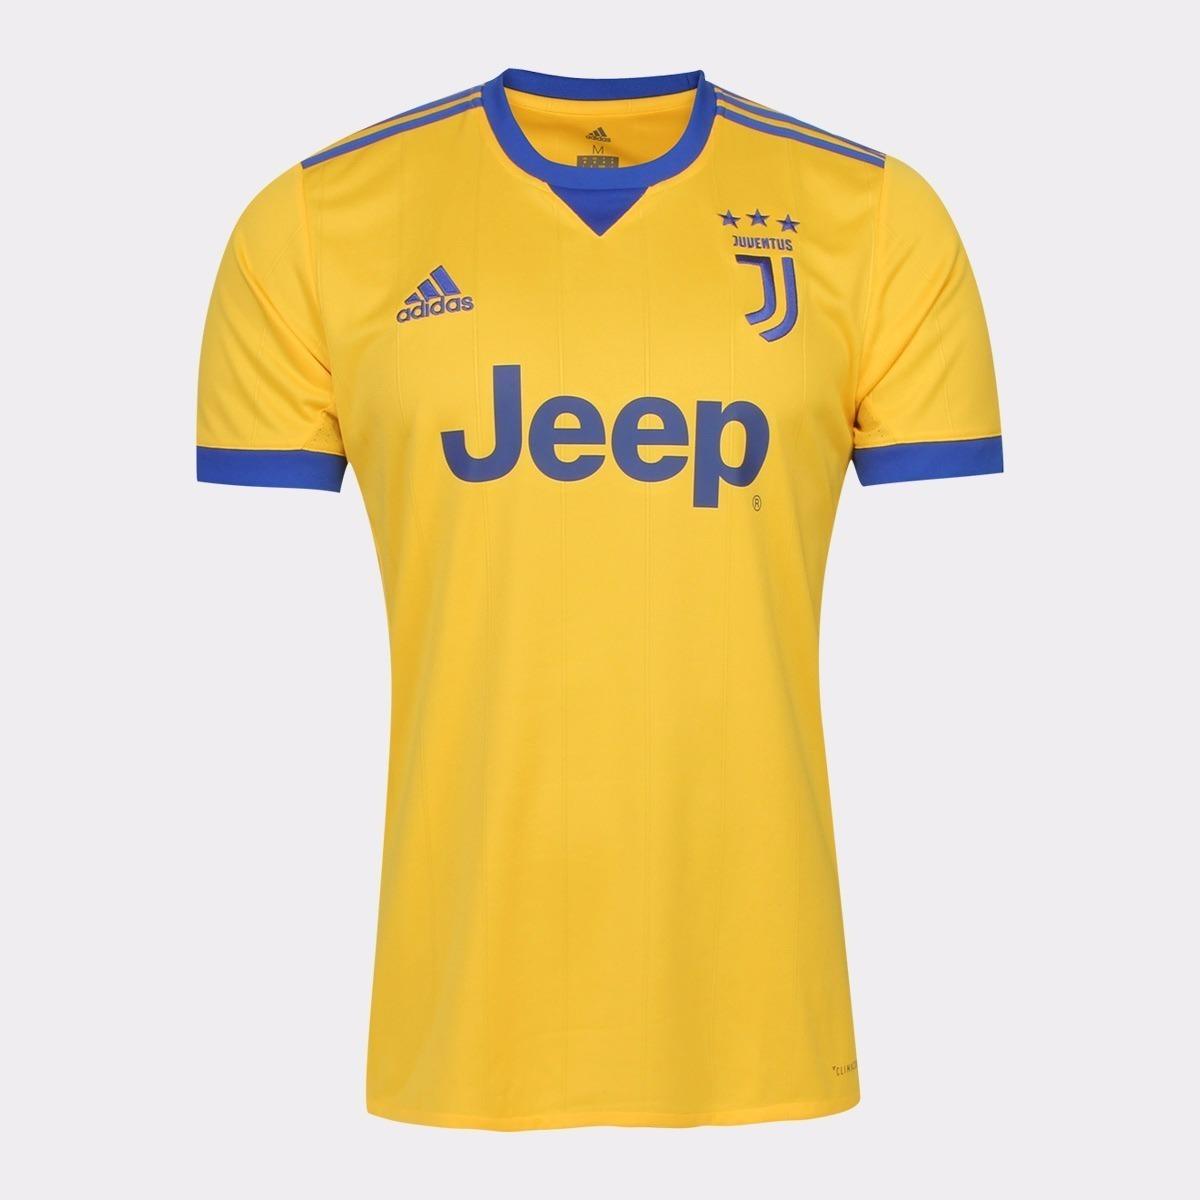 camisa adidas juventus-italia 2018 original sportcenter. Carregando zoom. 9b302c1aa5b62